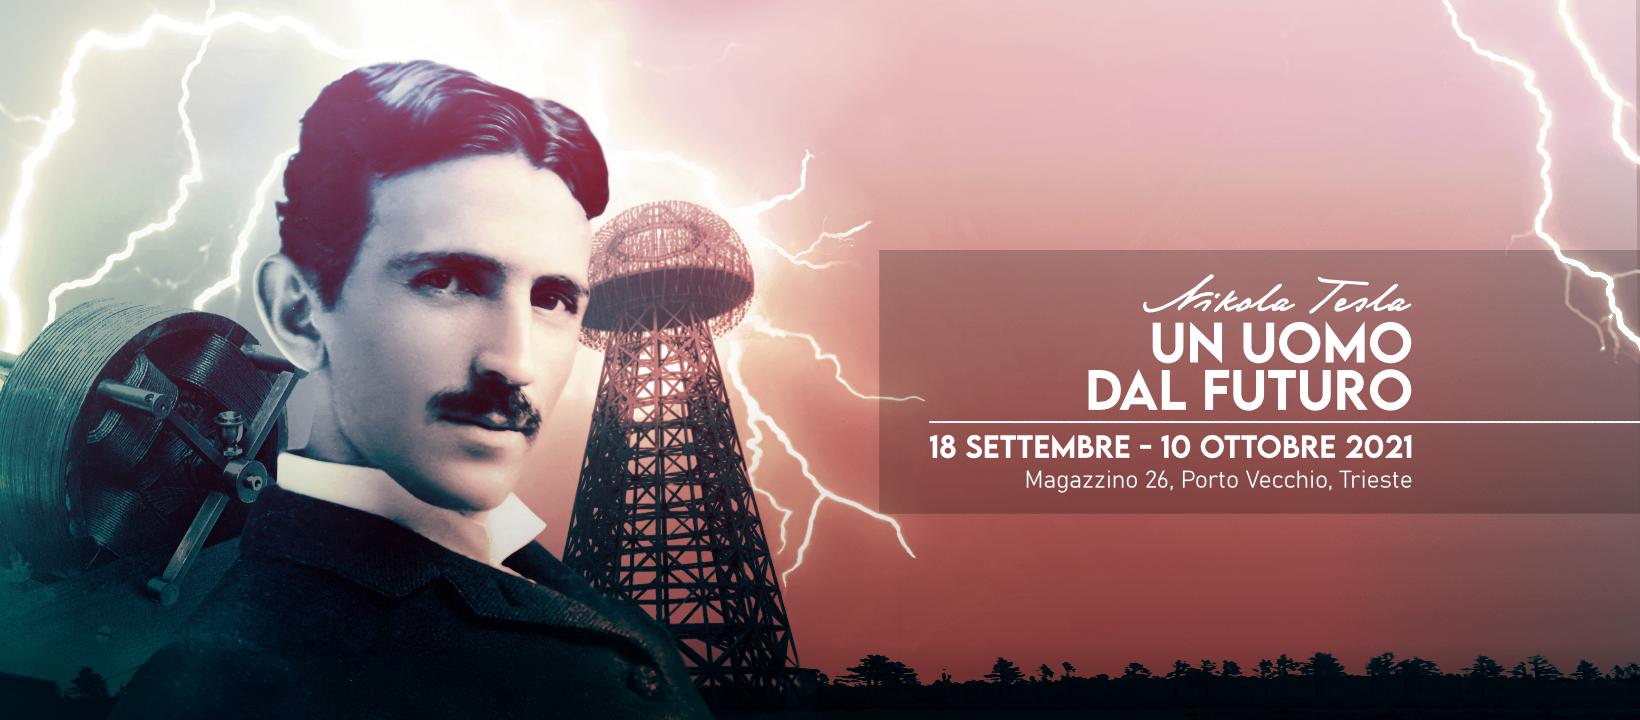 Nikola Tesla: un uomo dal futuro. Dal 18 settembre apre la mostra in collaborazione con Area Science Park